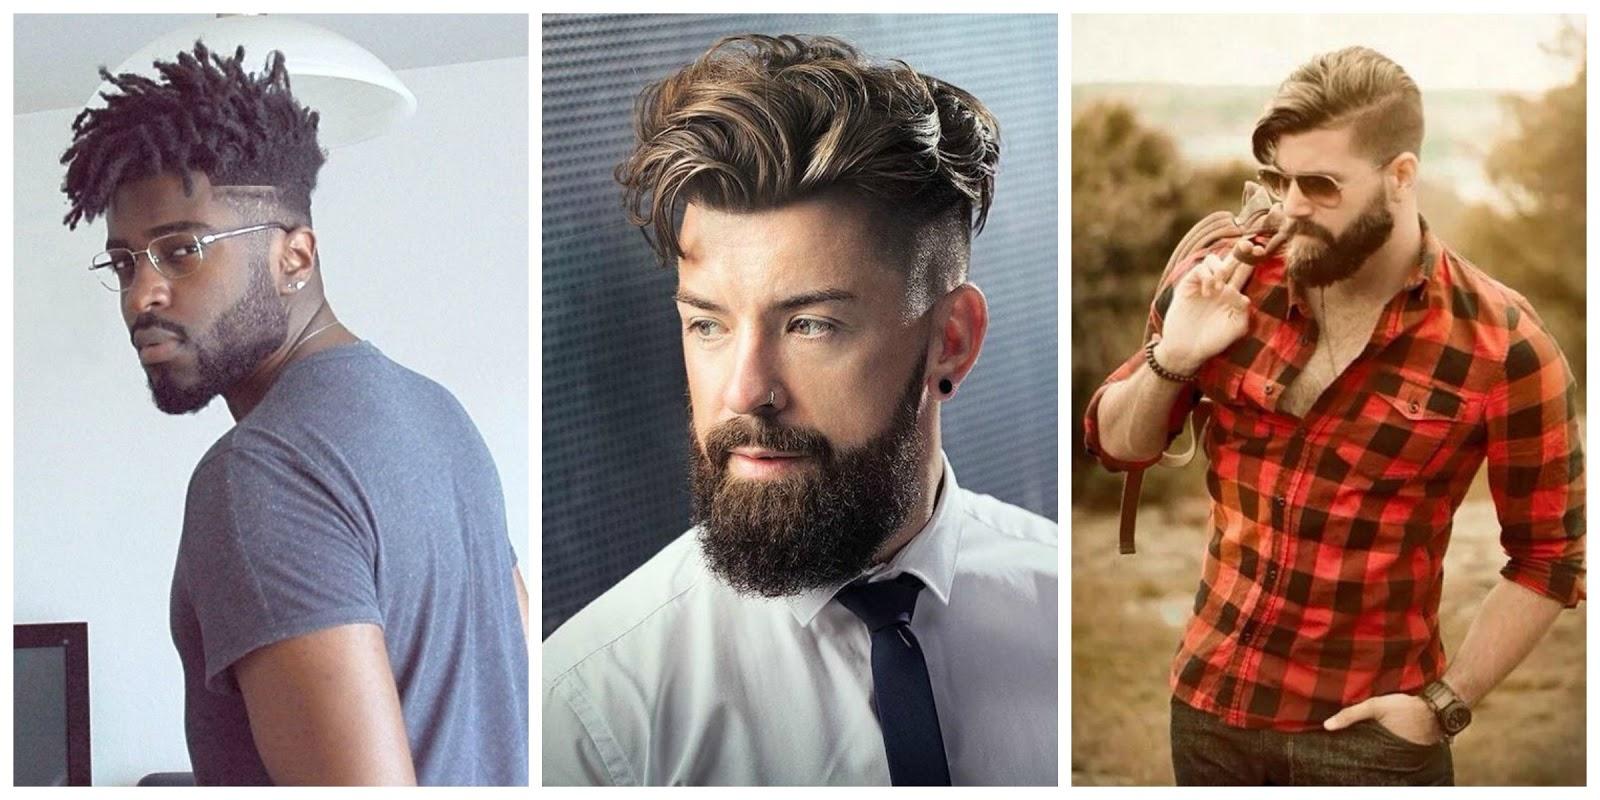 Peinados sencillos y rápidos Peinados fáciles de hacer en casa  - Peinados Para Descargar Gratis